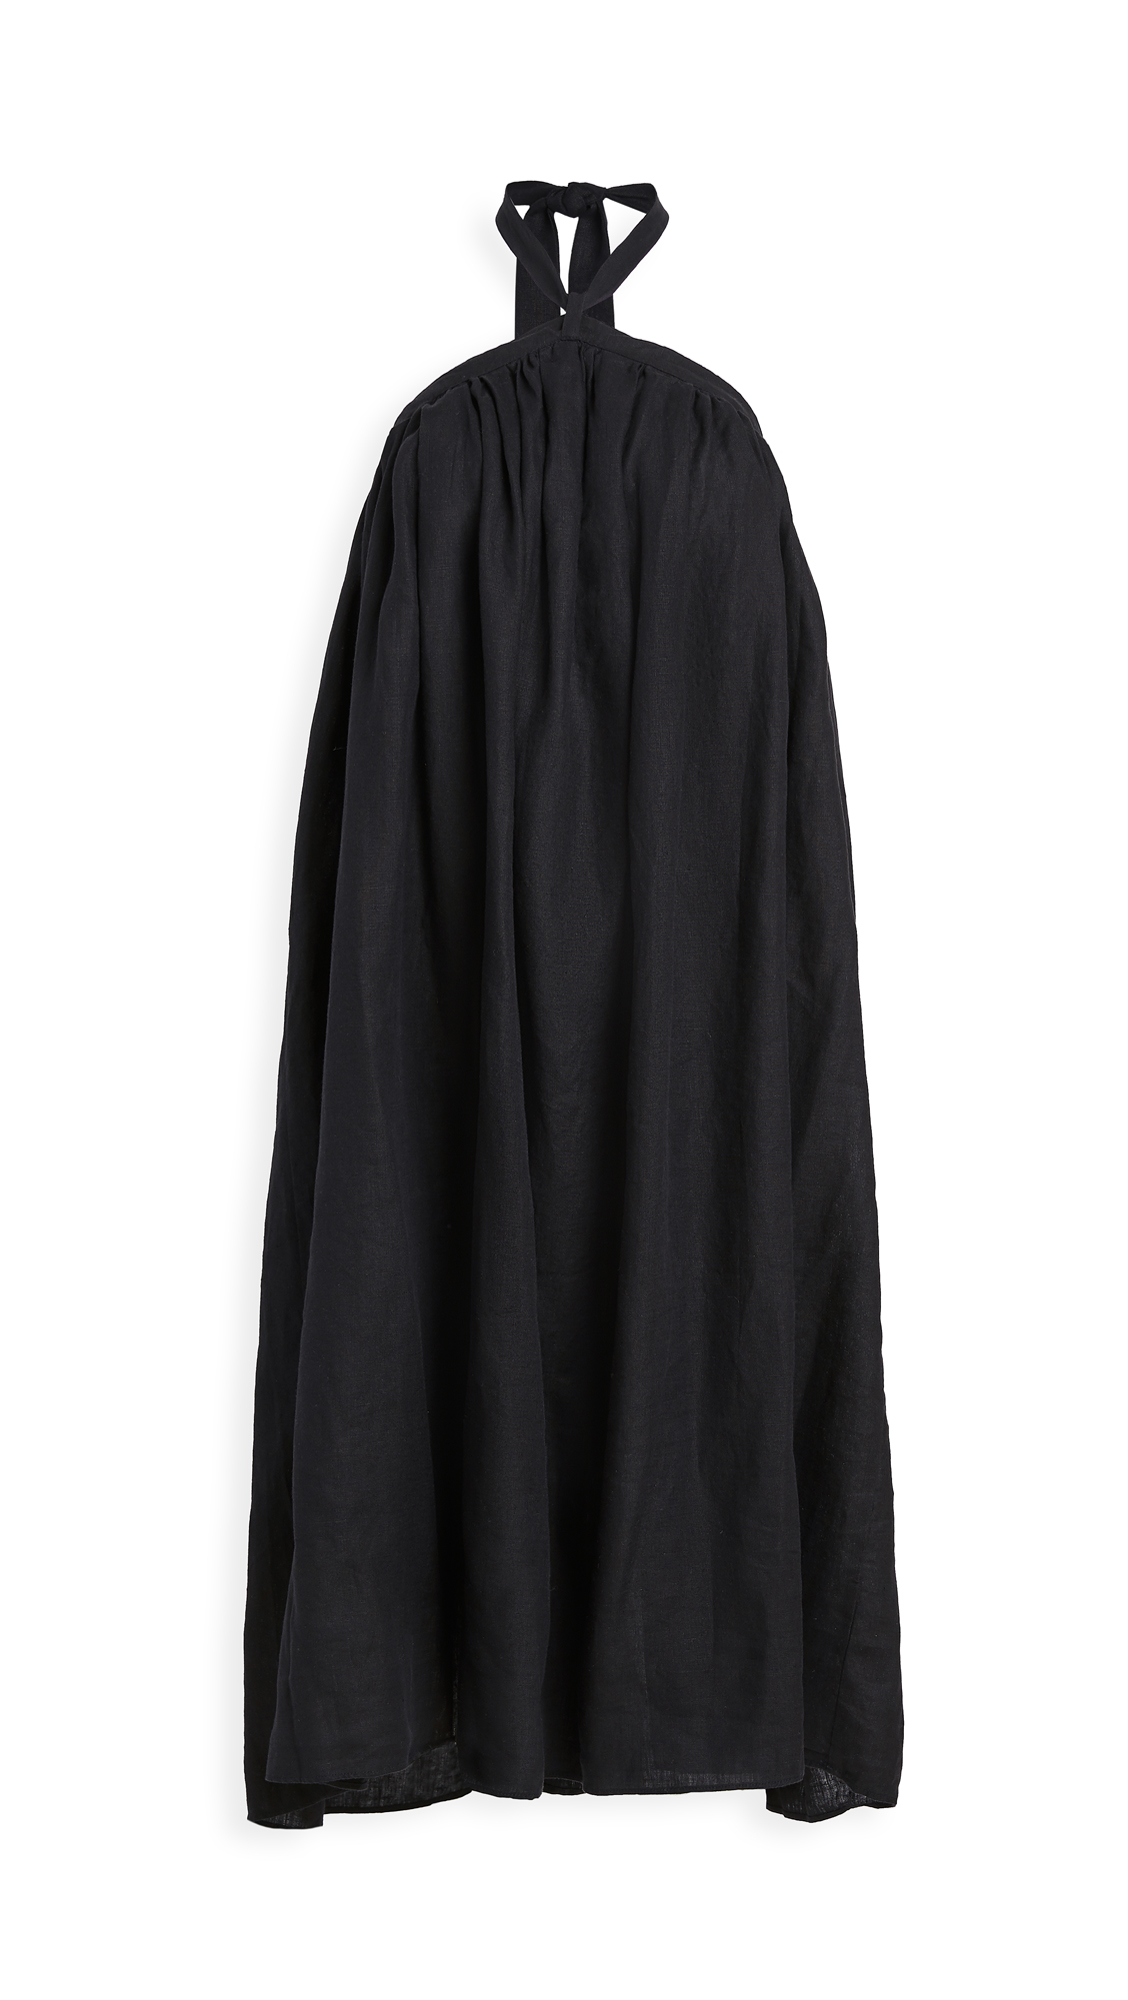 Mara Hoffman Graziella Dress / Skirt